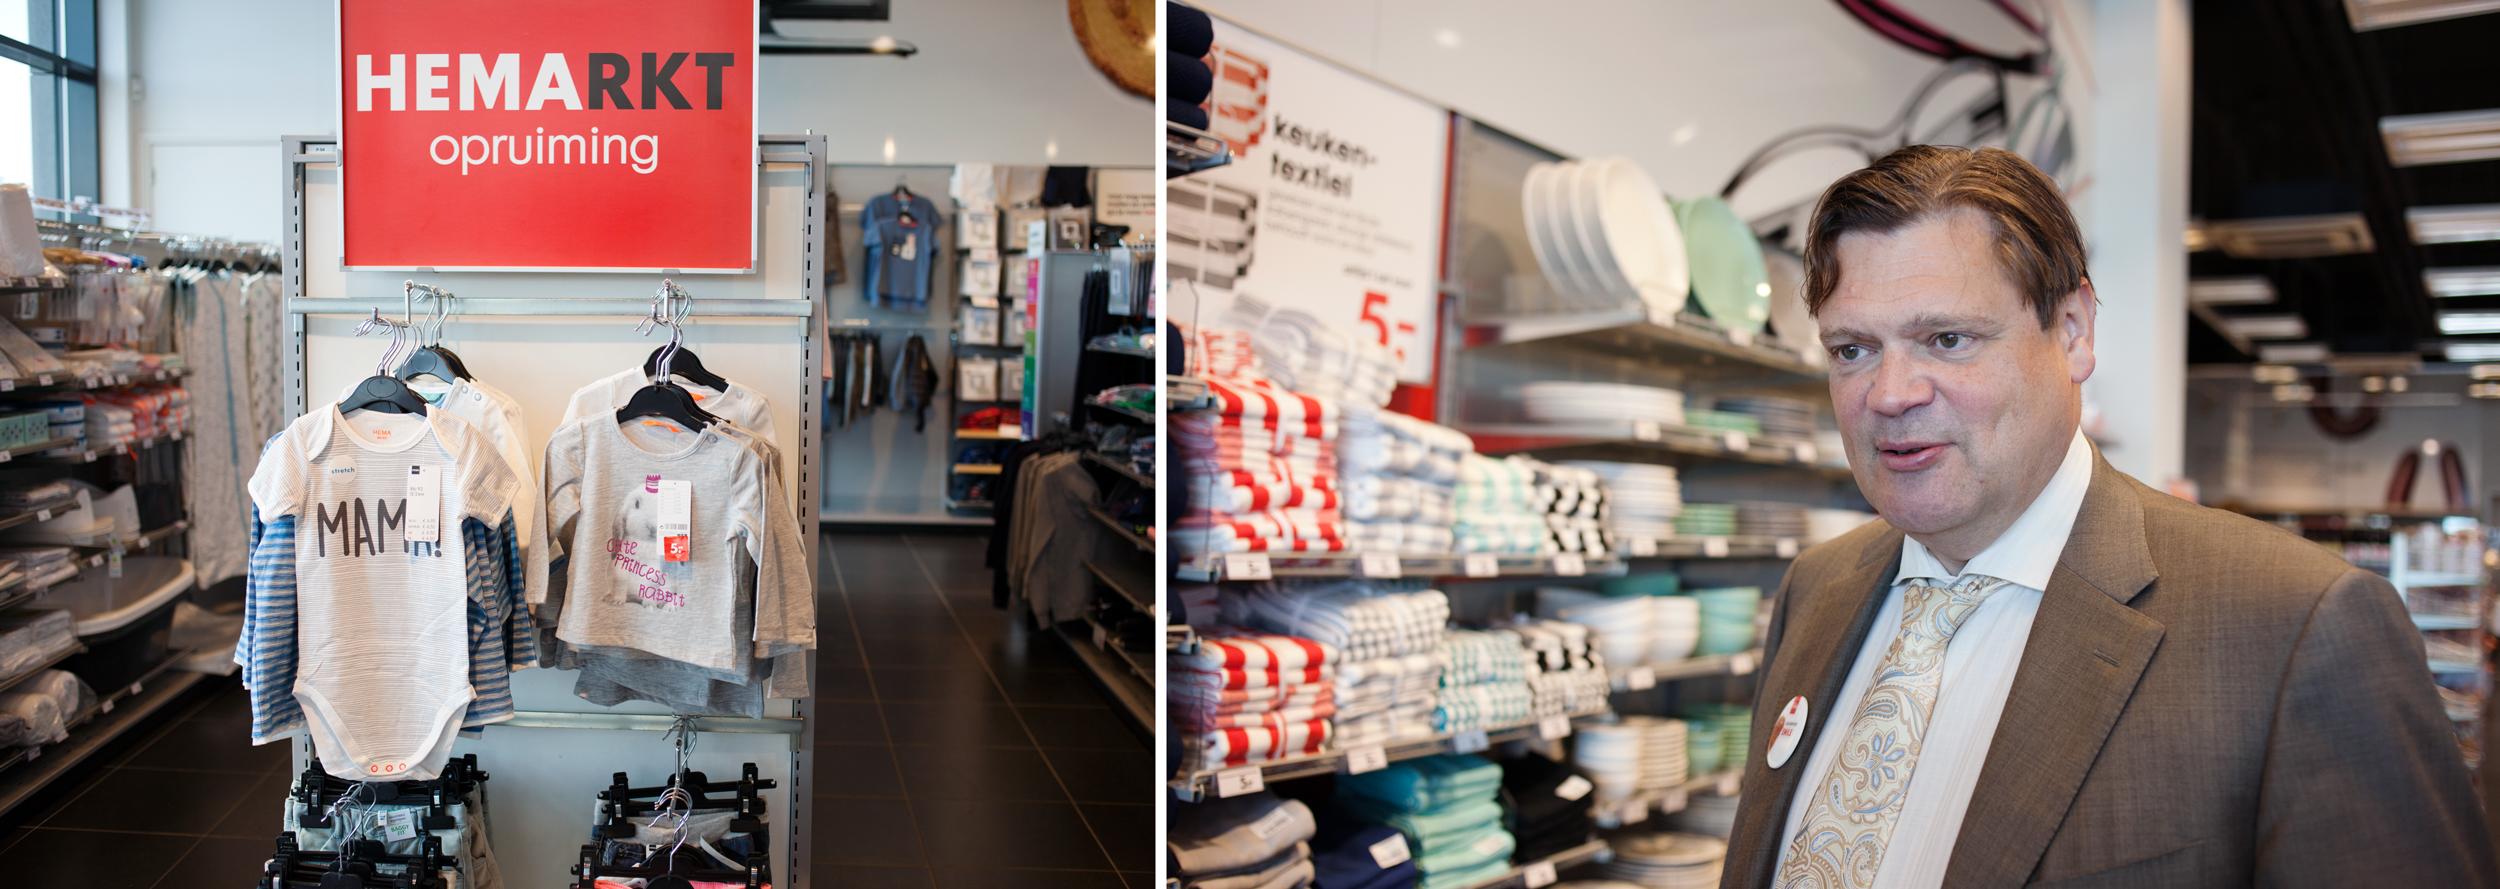 A la izquierda, moda infantil en una tienda HEMA de Ámsterdam. A la derecha, Emile Ruempol, director de Expansión y Desarrollo de Negocio de la marca. ©Fernández Solla Fotografie